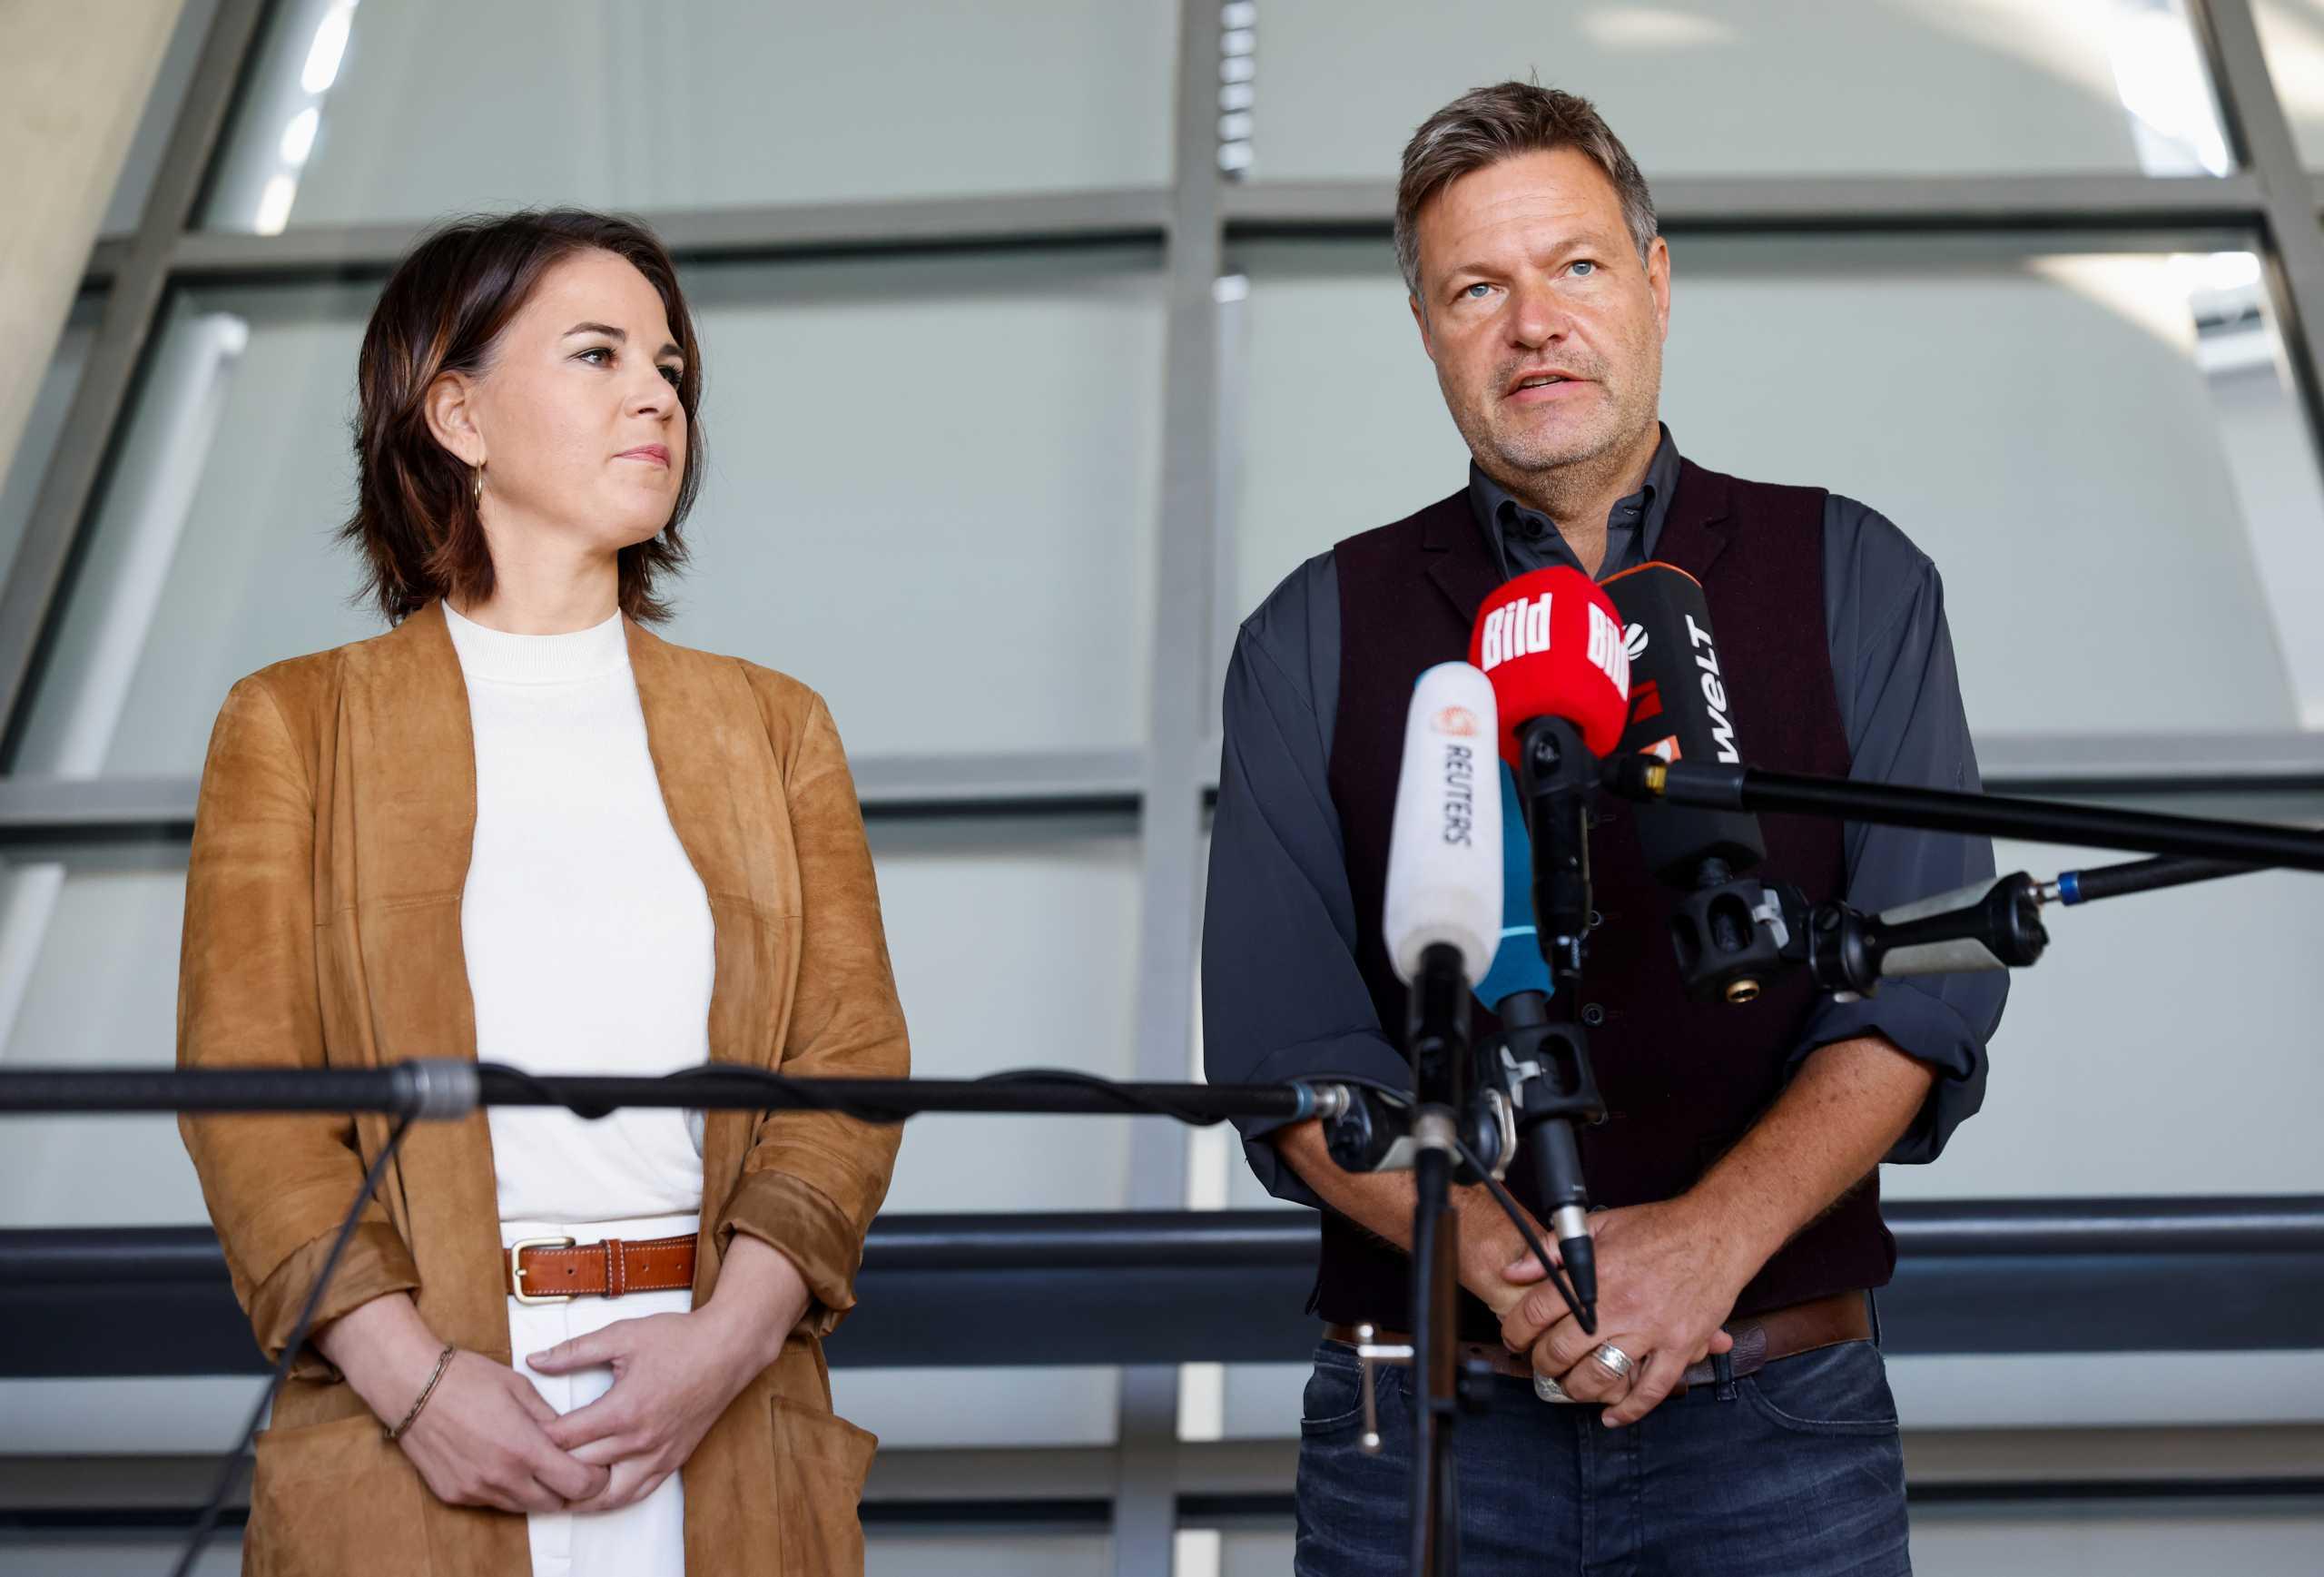 Γερμανία: Κυβέρνηση «φανάρι» θέλουν οι Πράσινοι - Συνομιλίες με SPD και FDP